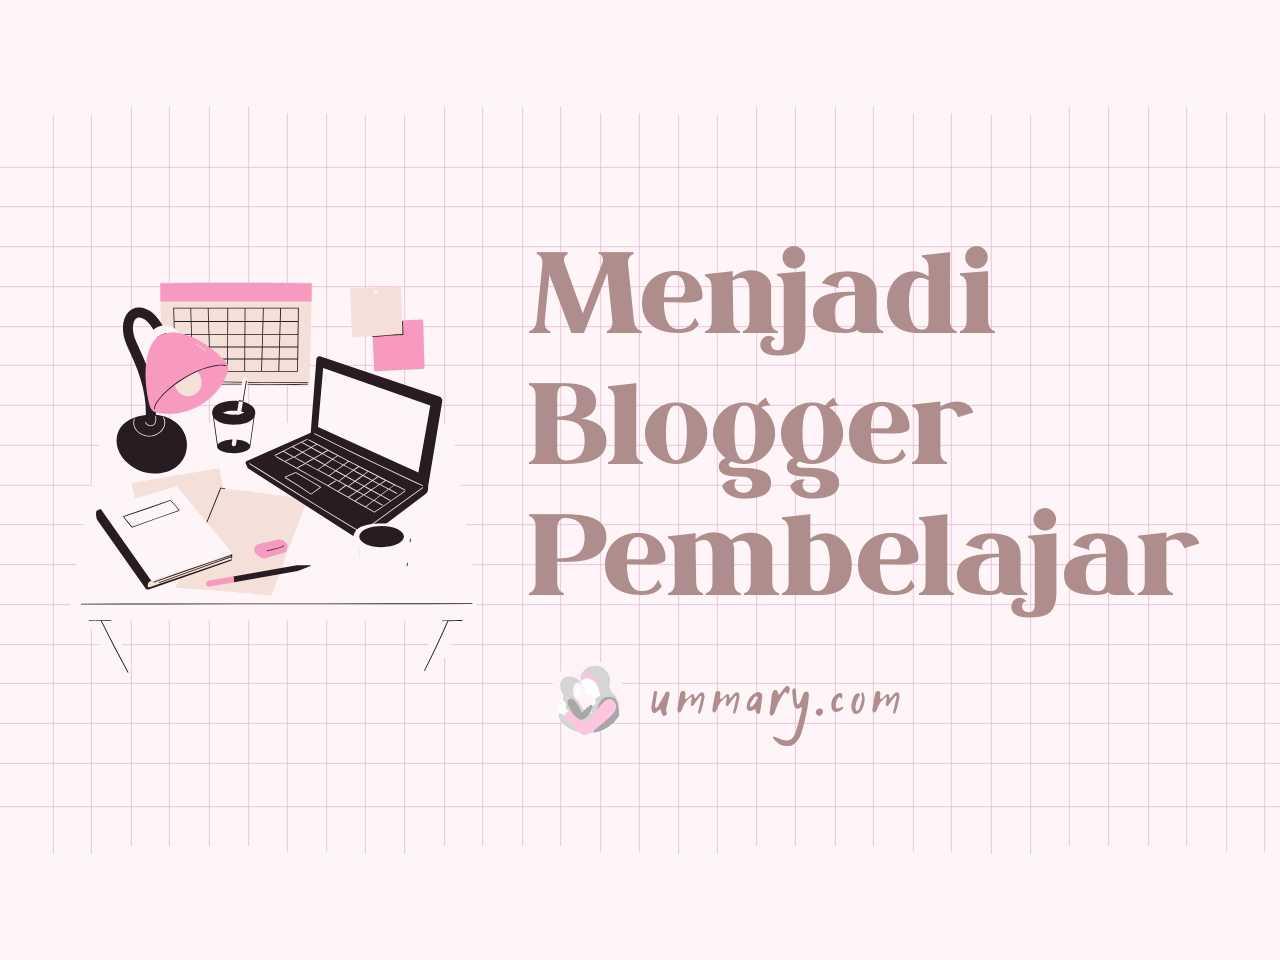 Menjadi Blogger Pembelajar